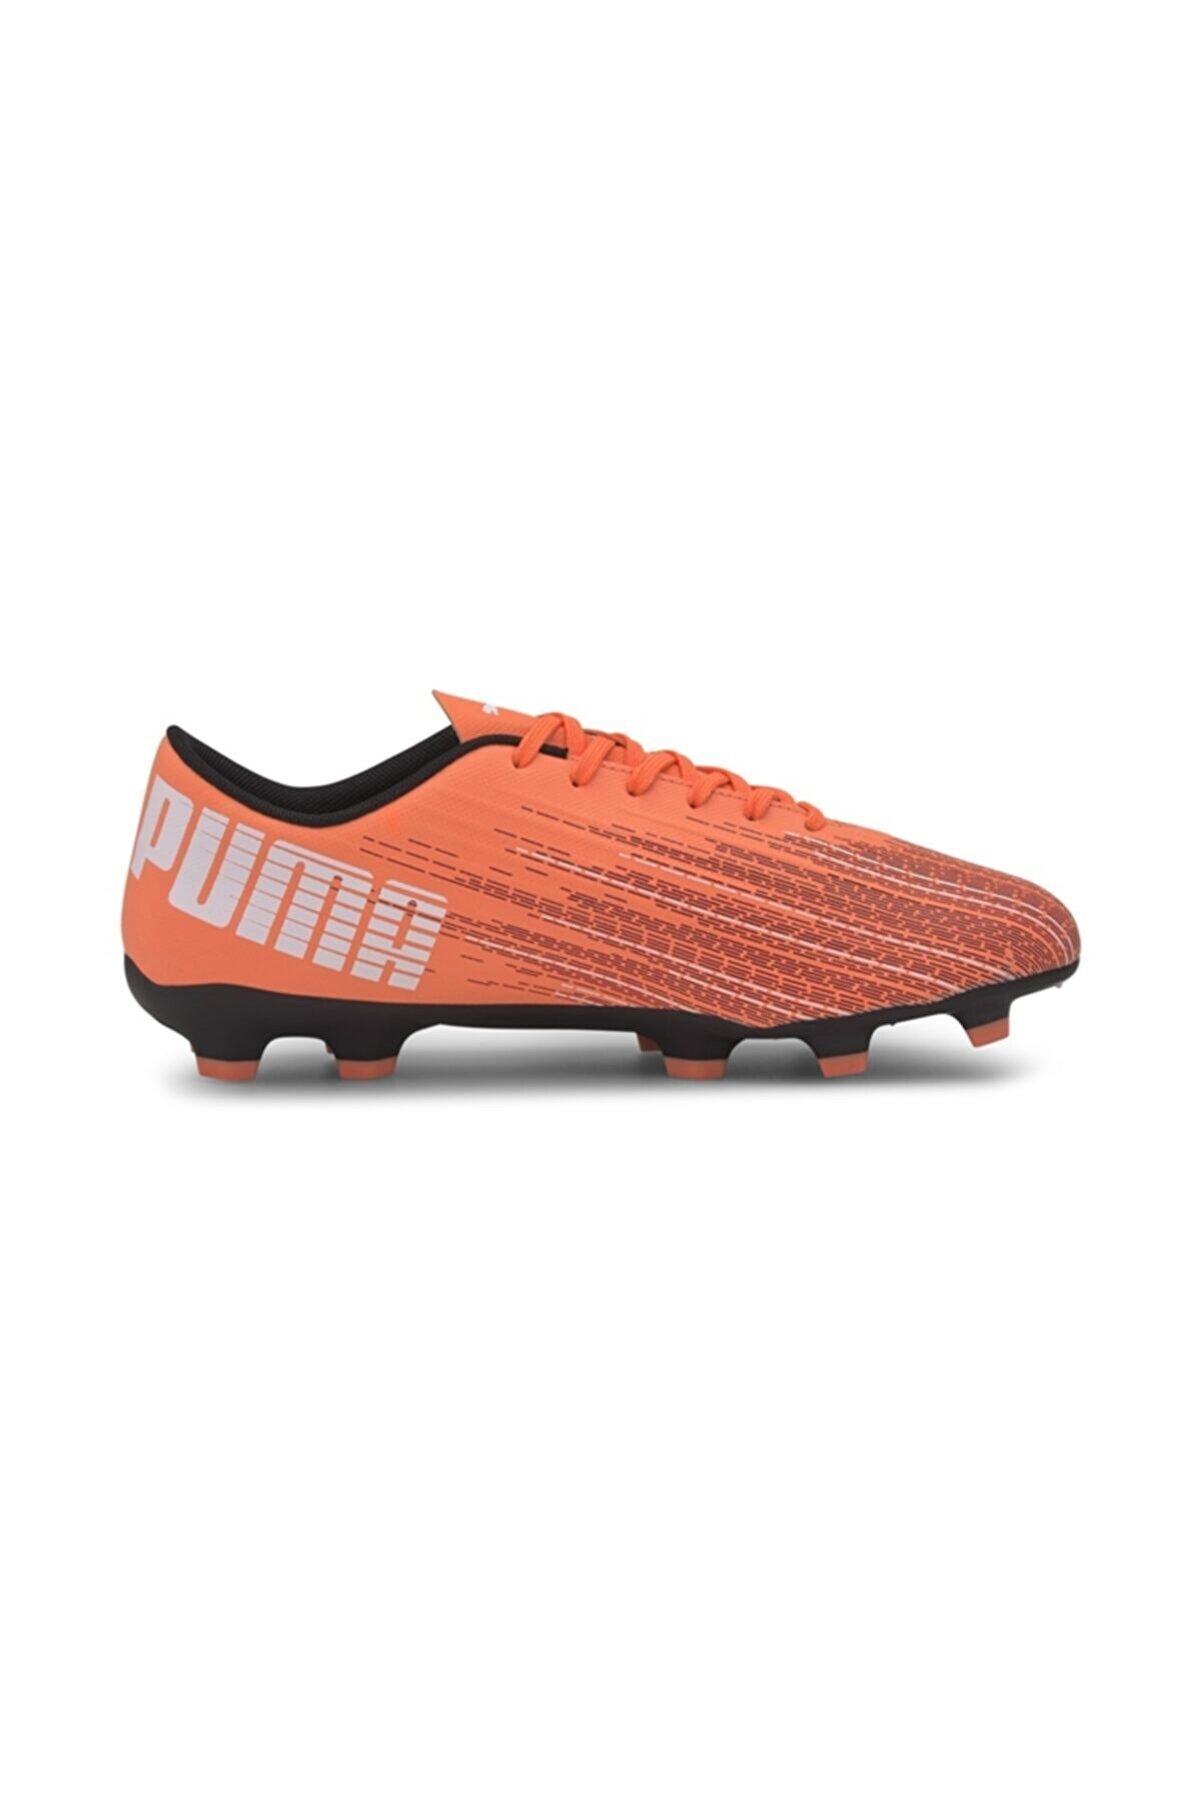 Puma Ultra 4.1 Fg Ag Shockıng Orange 10609201